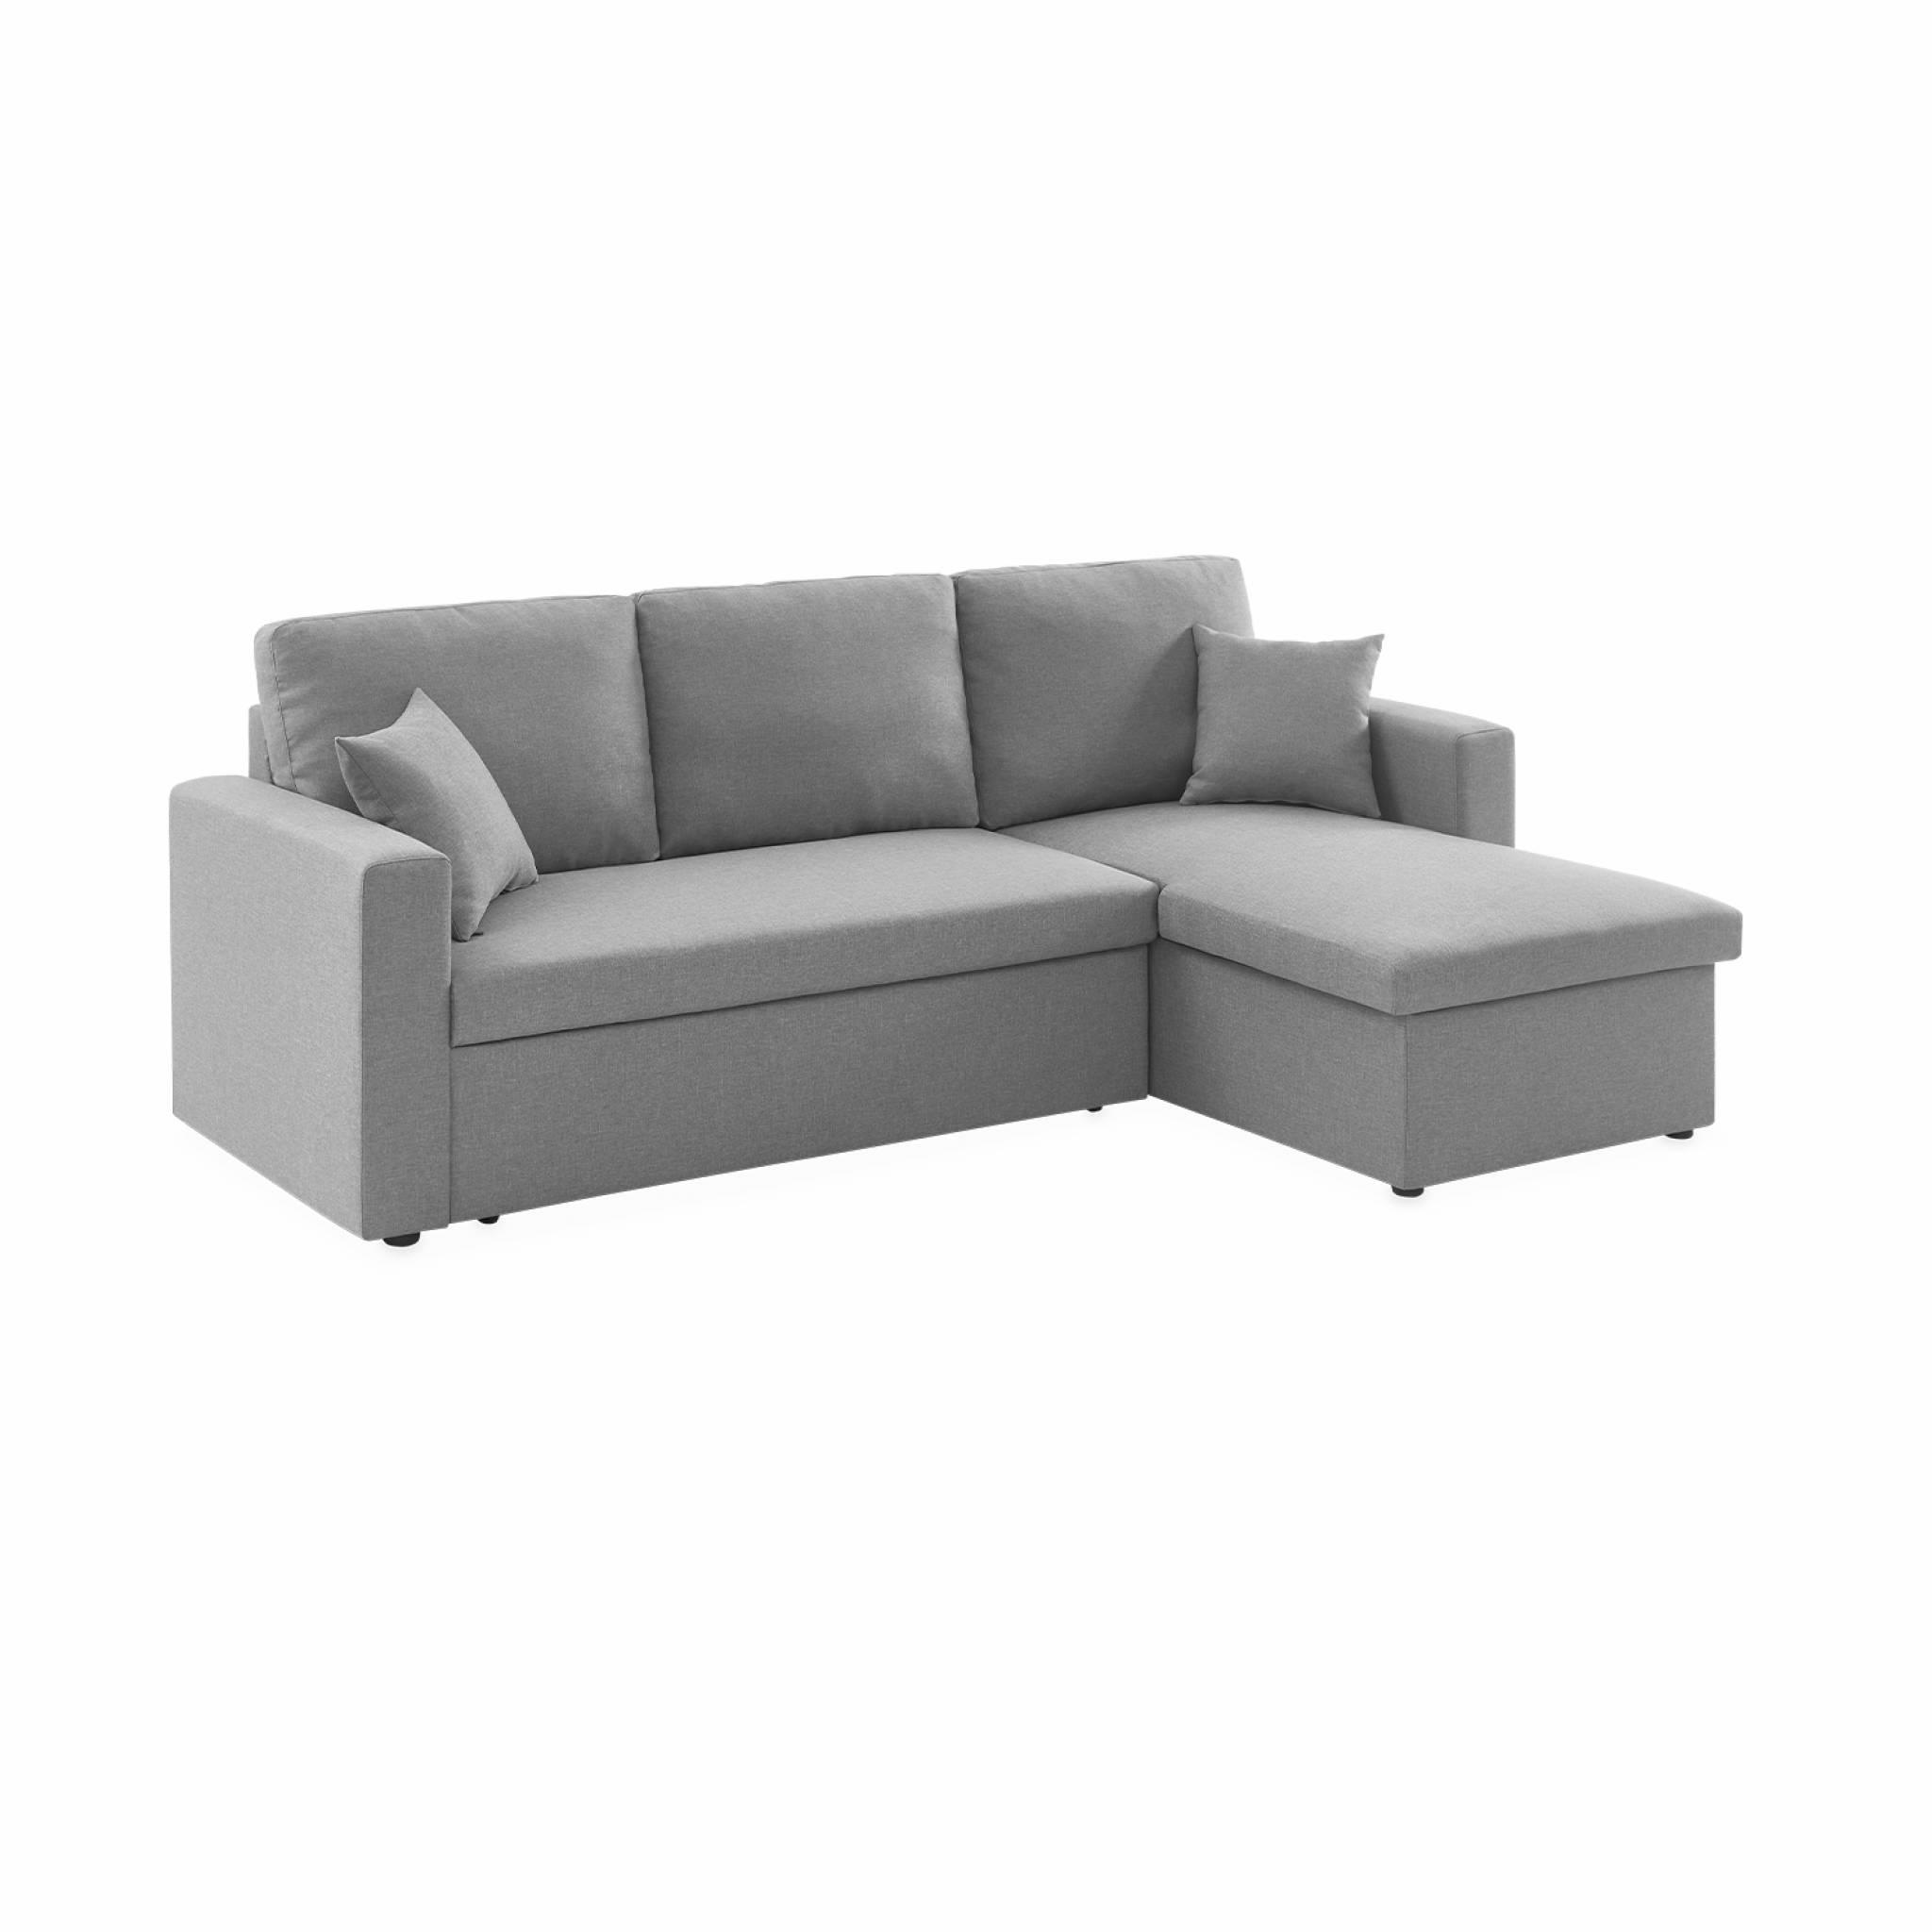 Canapé d'angle convertible 3 places en tissu gris clair